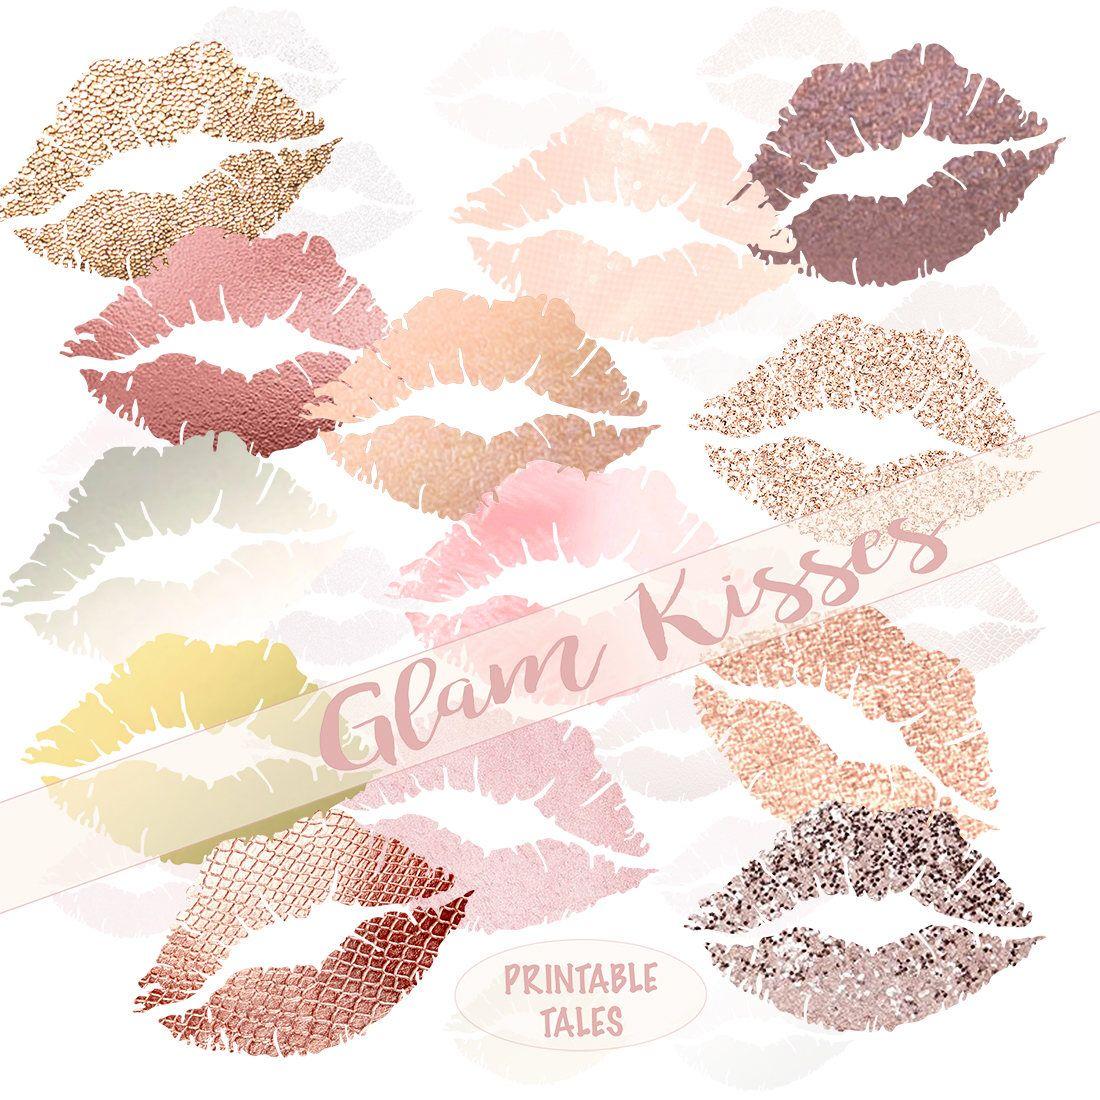 Blush Pink Lips Clipart Glamorous Kisses Glam Glitter Lips